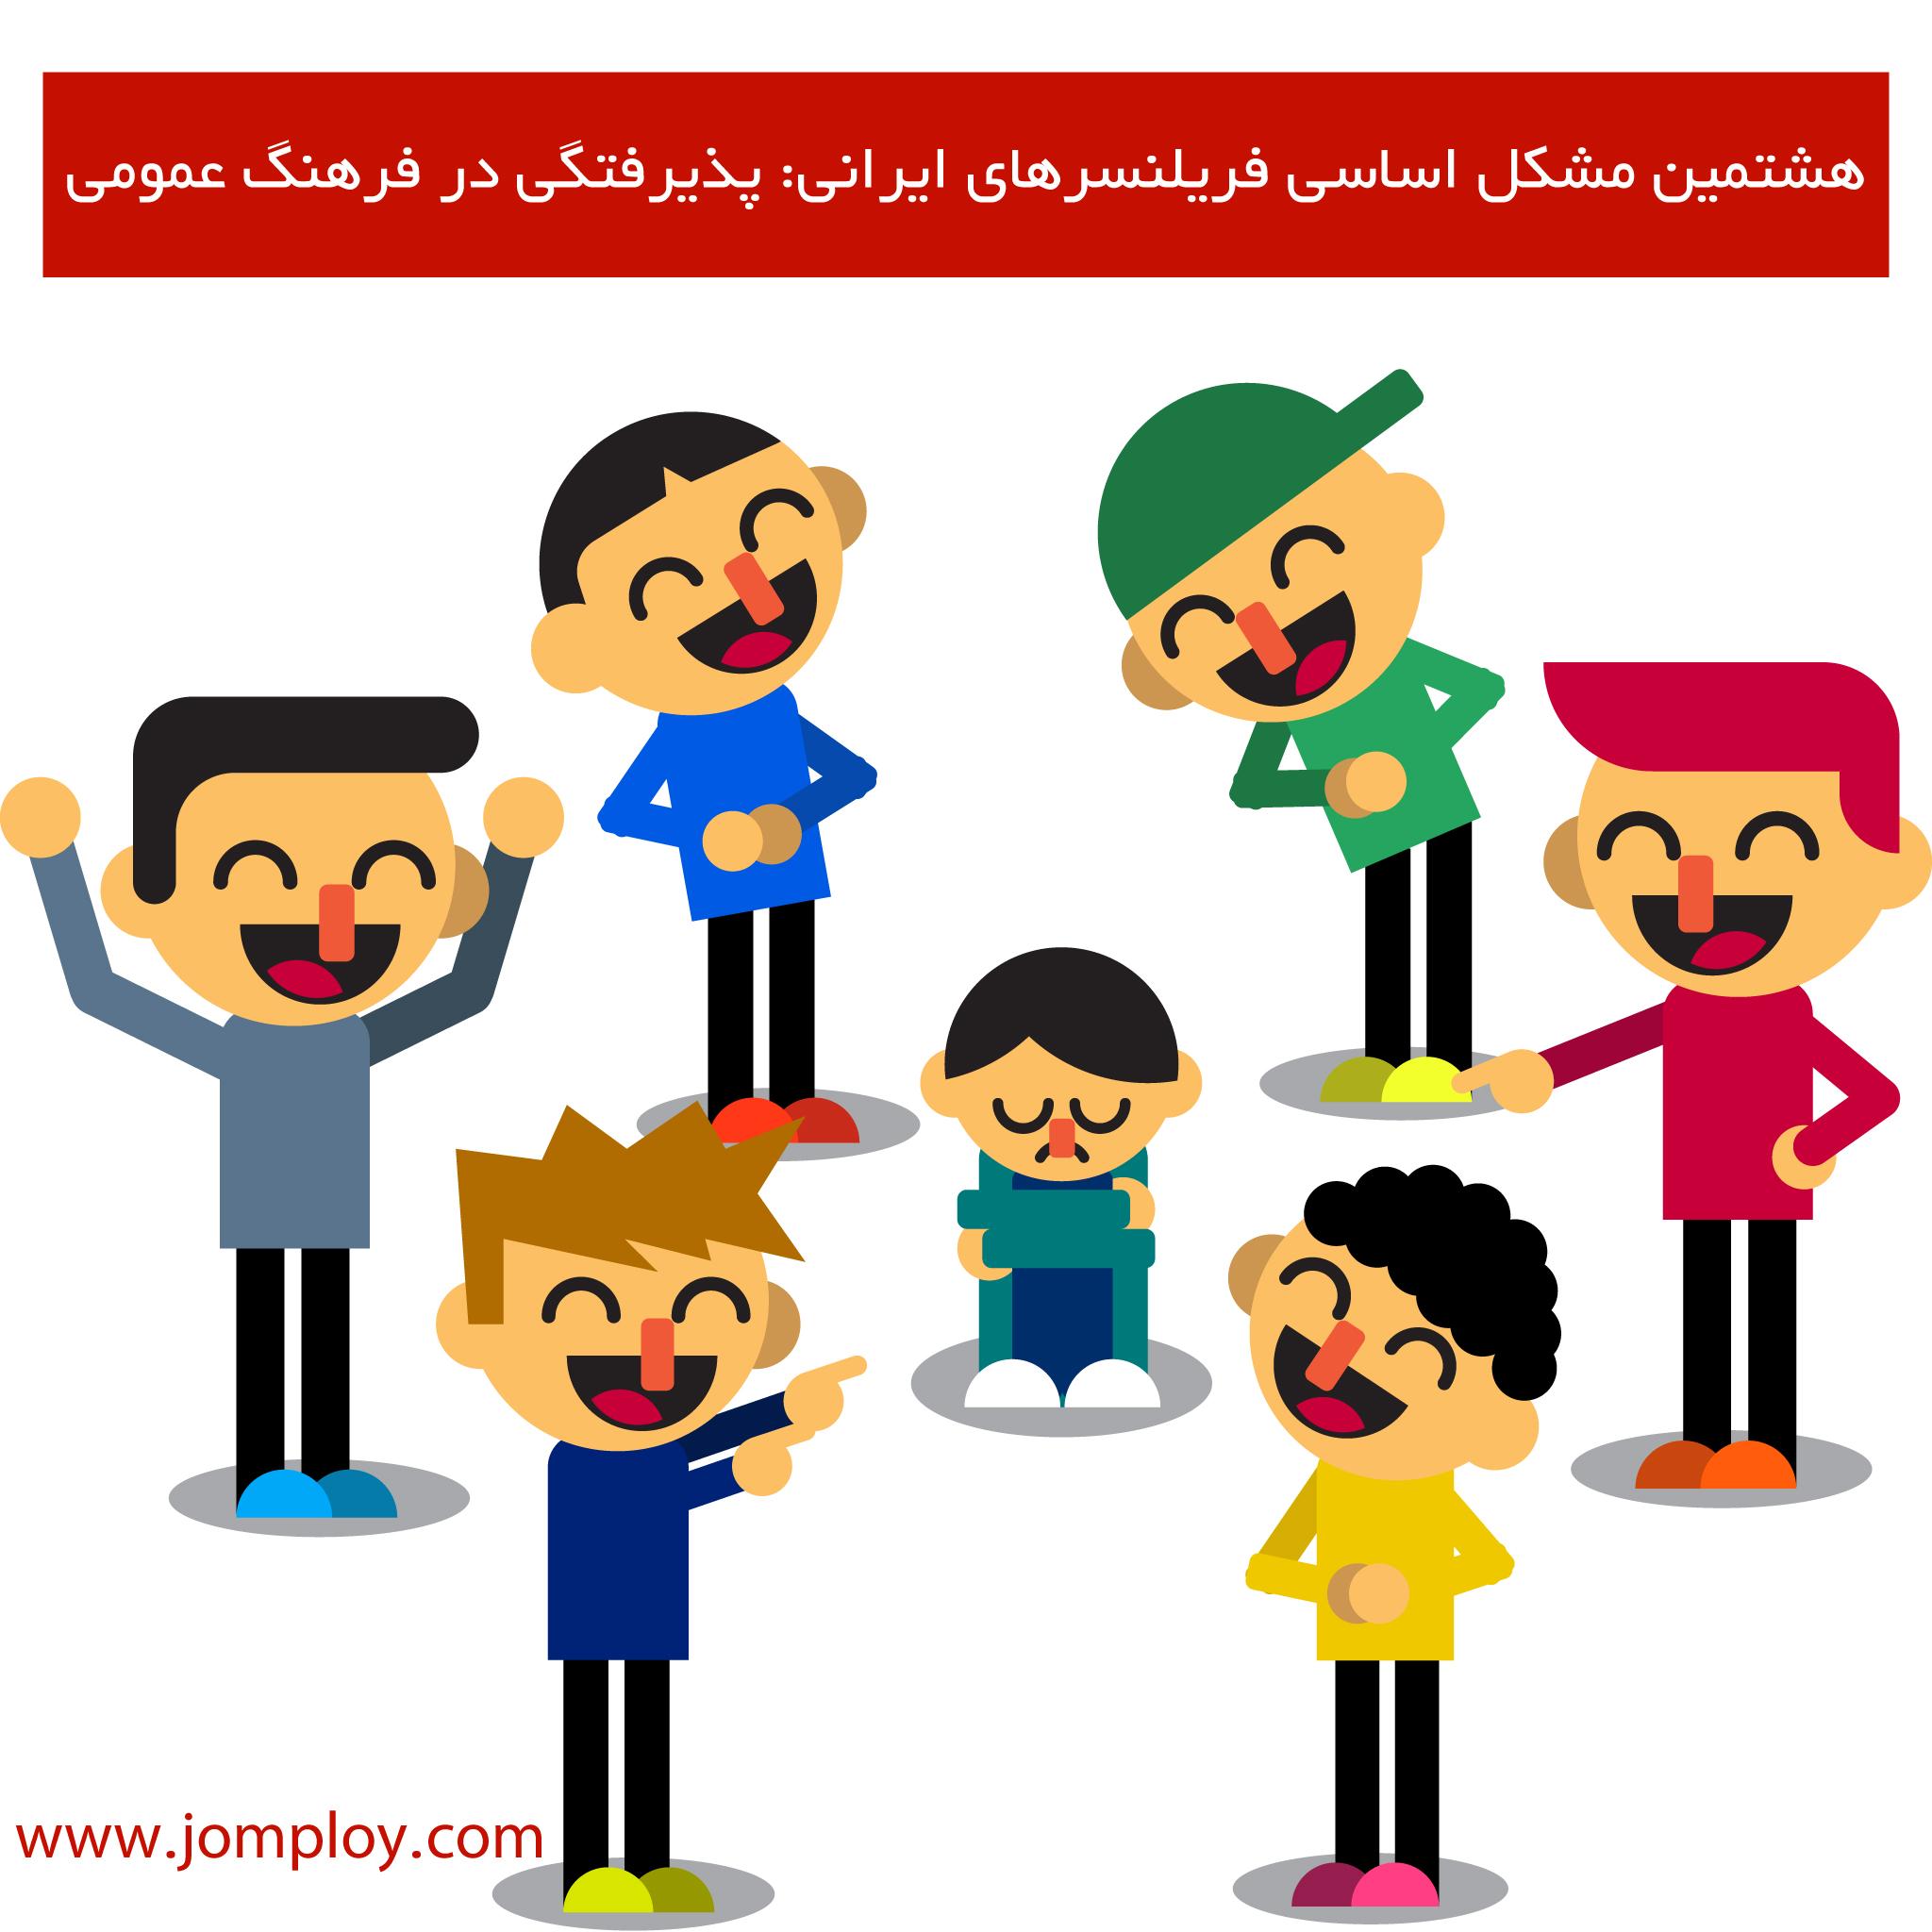 10مشکل فریلنسرهای ایرانی-مشکل هشتم:پذیرفتگی در فرهنگ عمومی